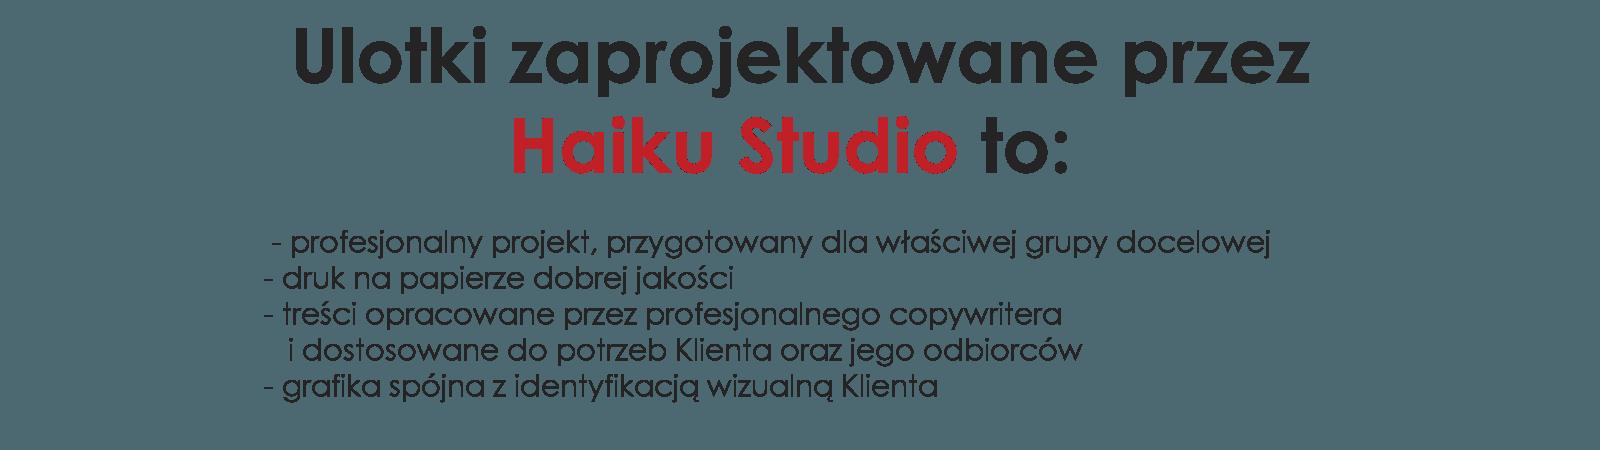 jakie są ulotki zaprojektowane przez Haiku Studio